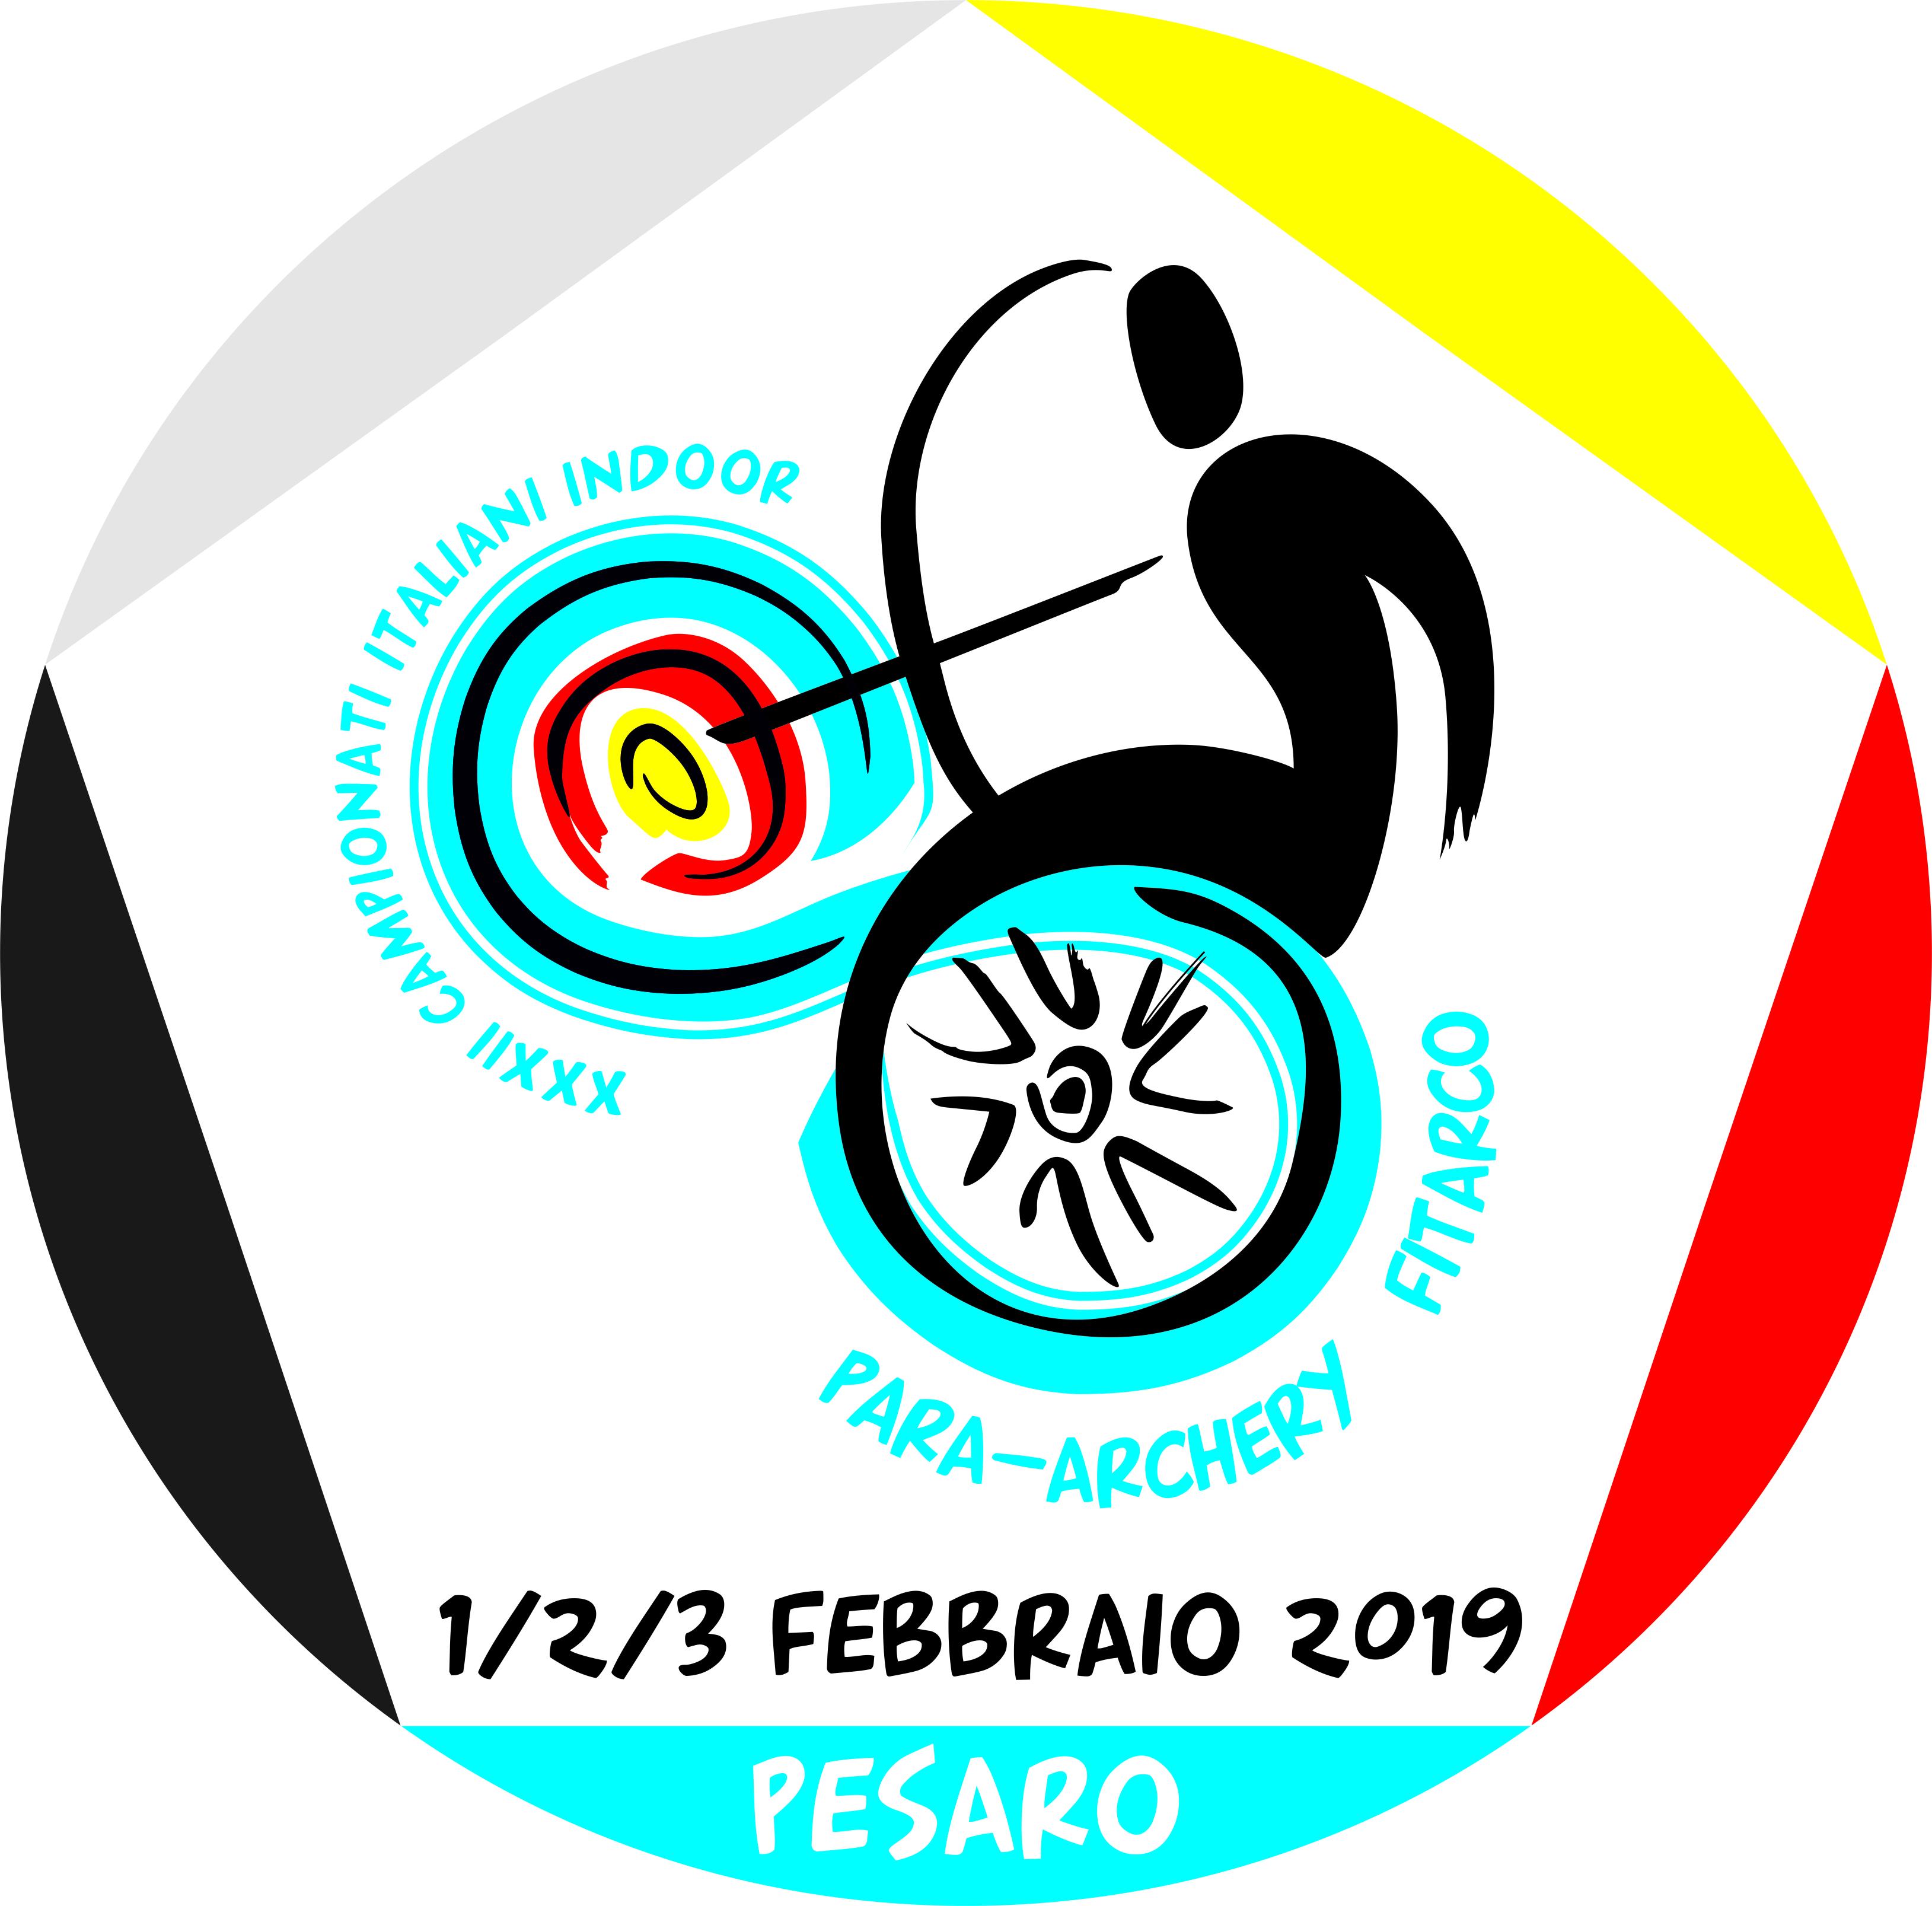 Campionato Italiano Targa Para-Archery